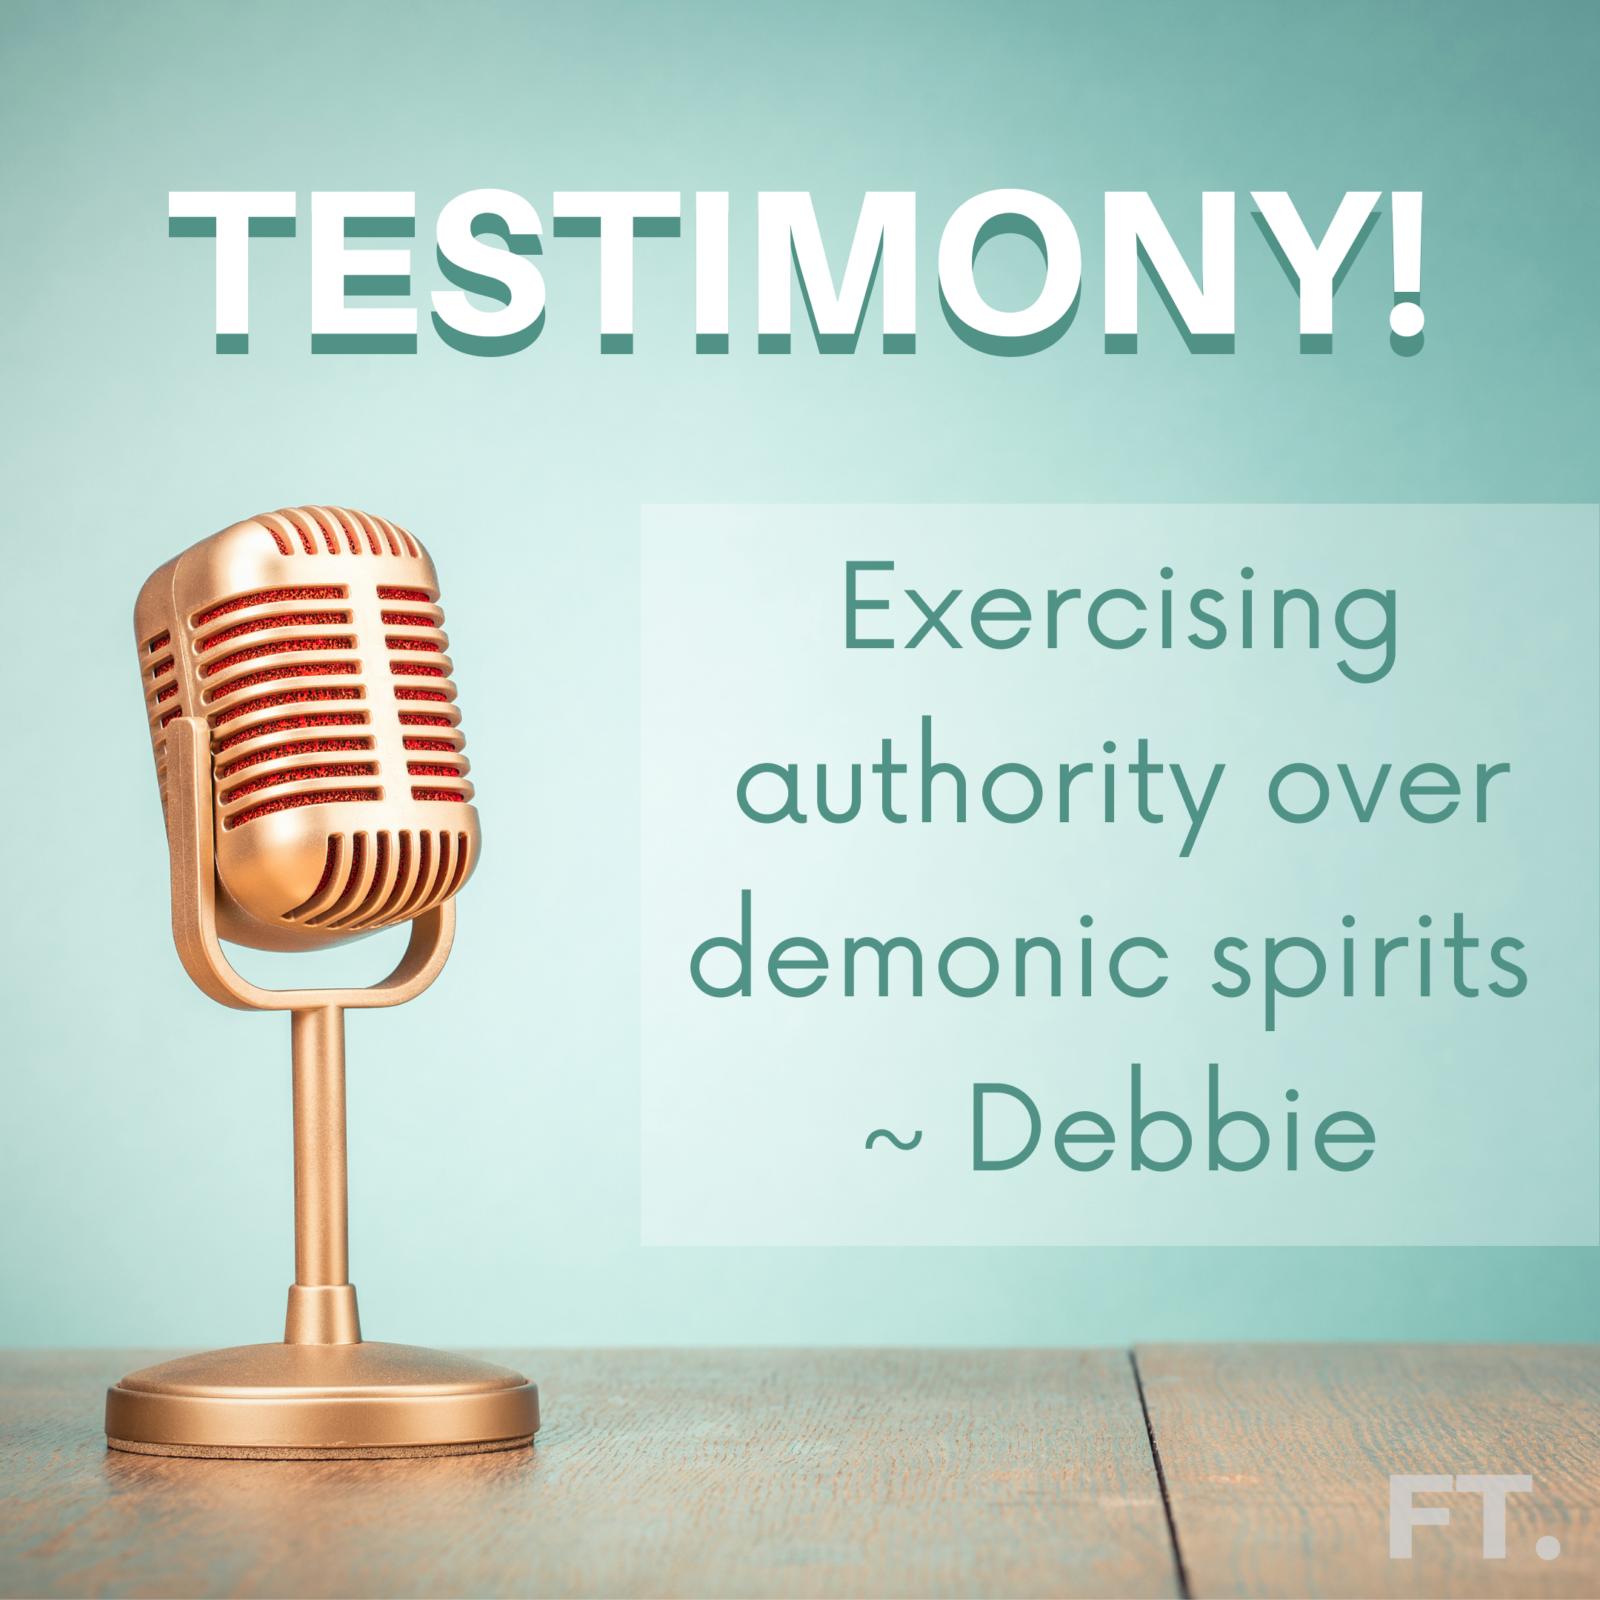 Testimony from Debbie